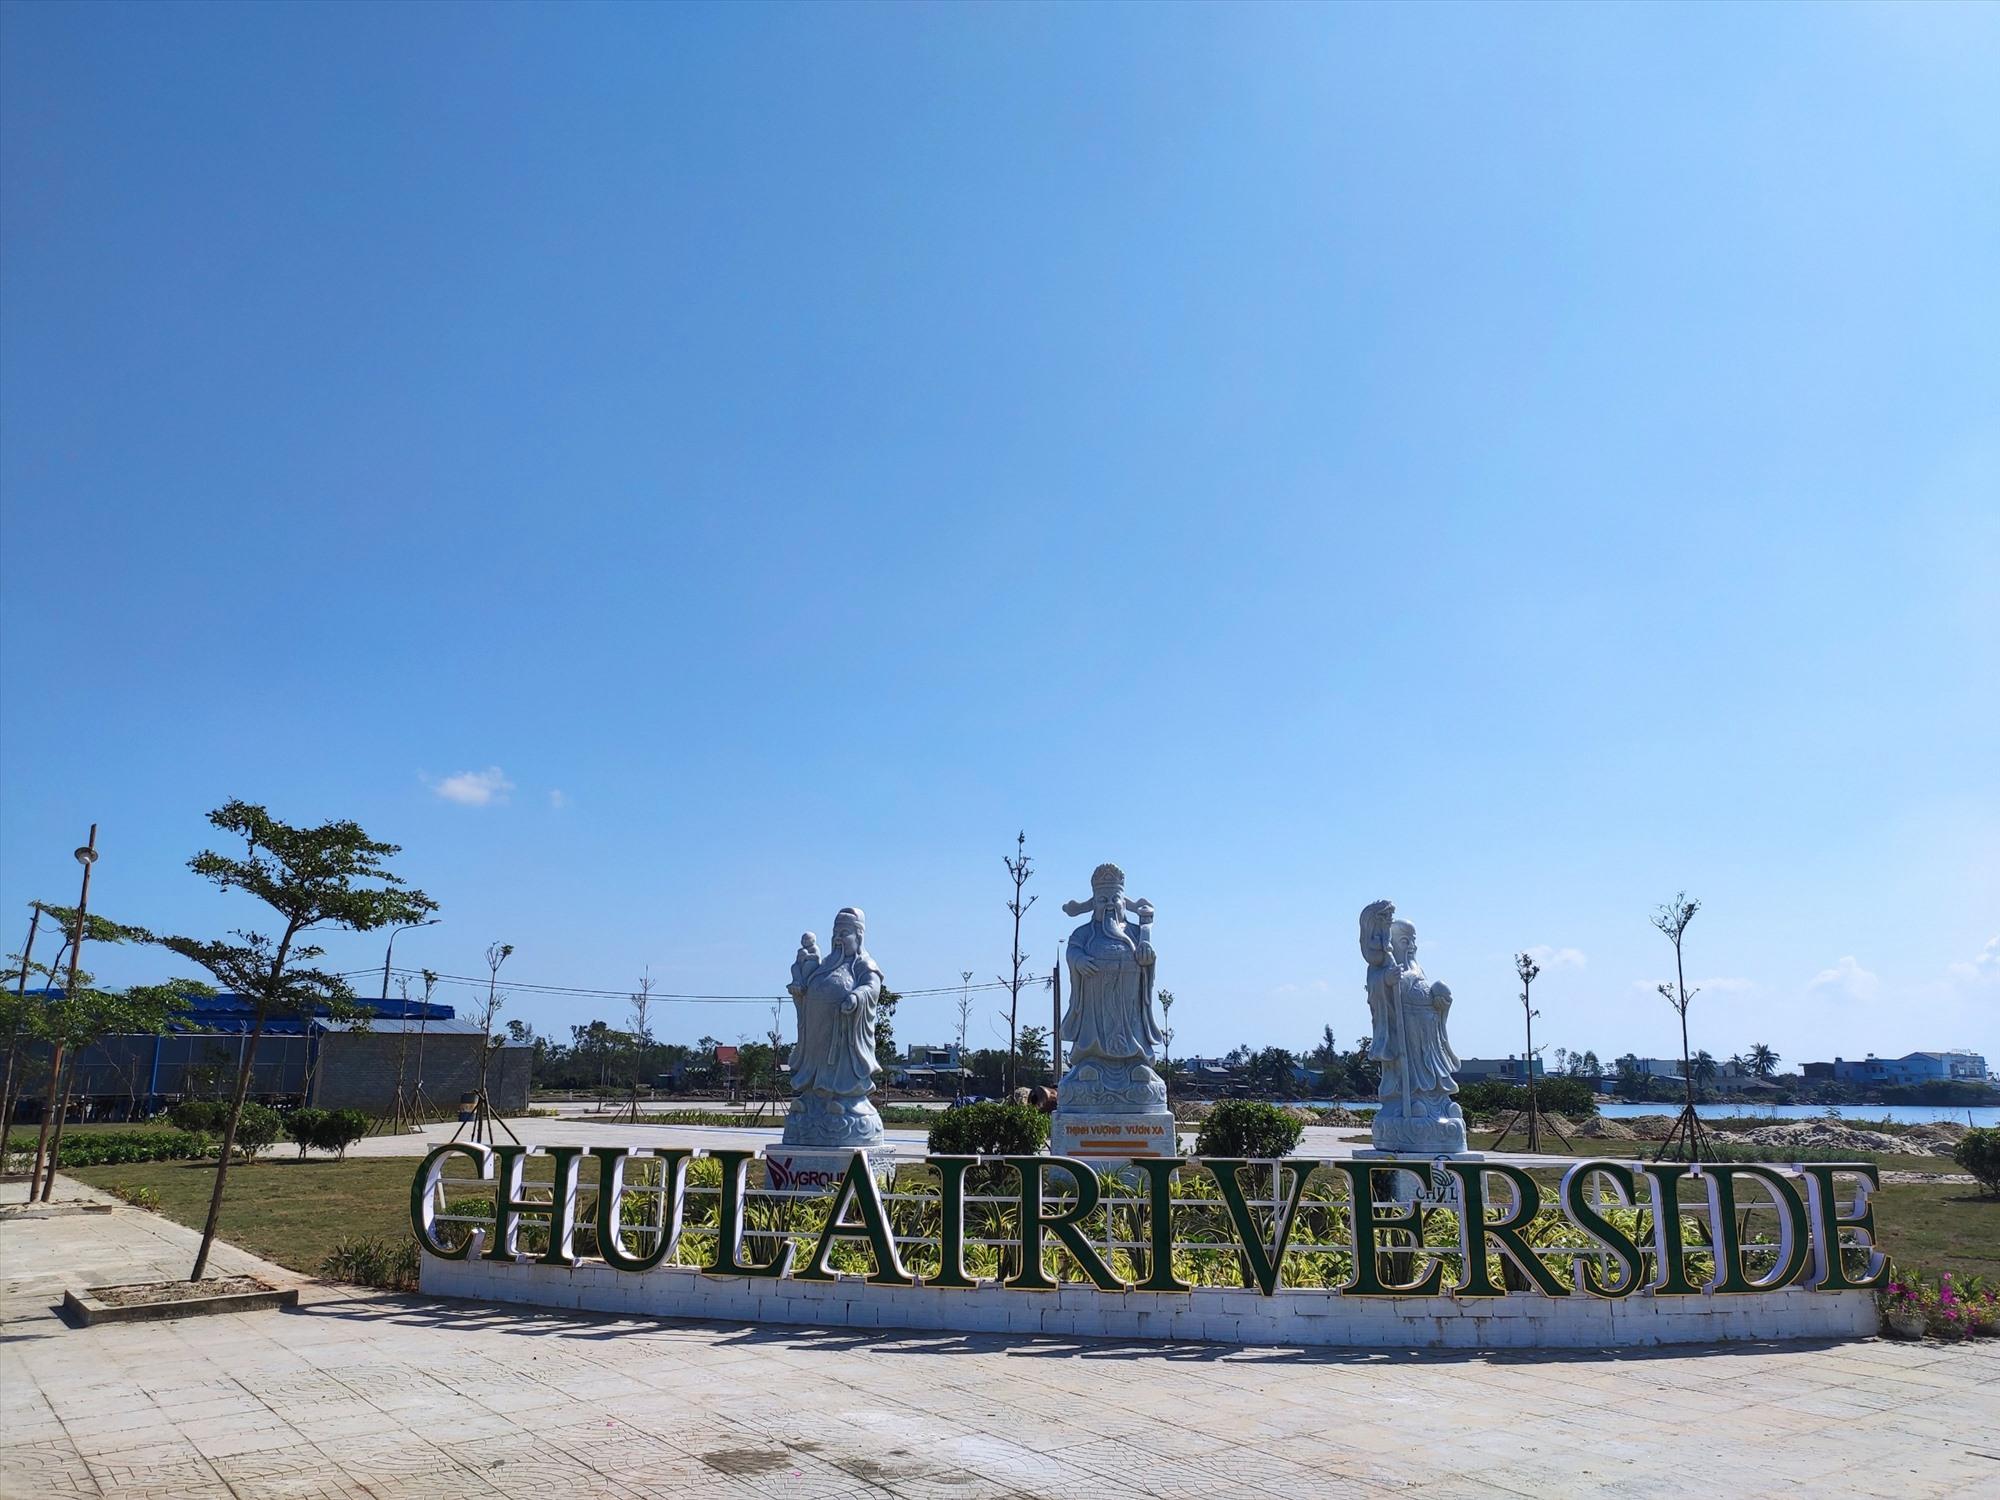 Công viên Phúc Lộc Thọ đã thi công hoàn thiện, do Việt Group, VGROUP đầu tư hơn 1 tỉ đồng và bàn giao cho cư dân sử dụng.